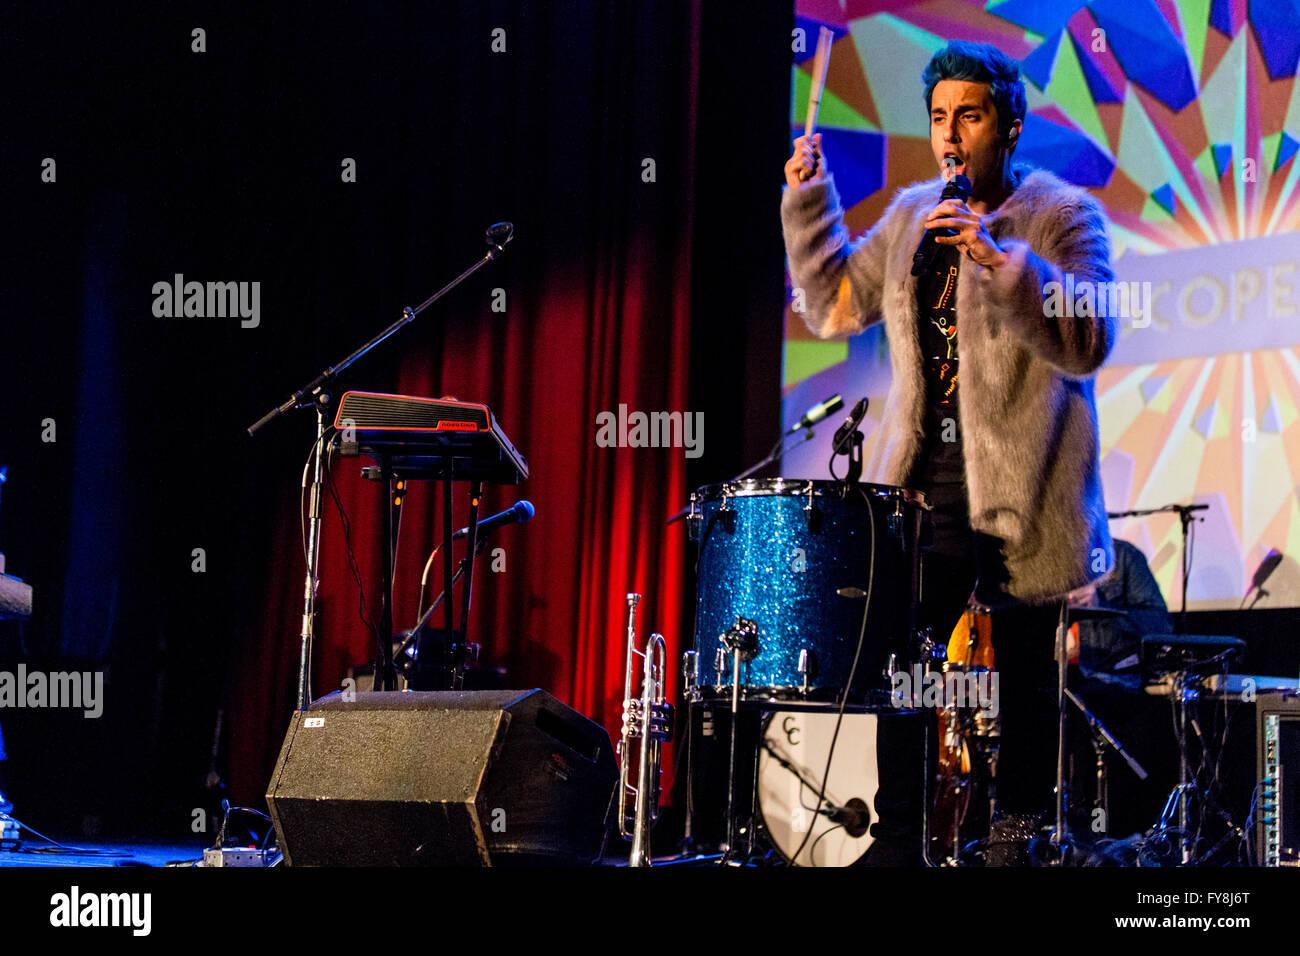 """Tschad-König, der eine große Welt @ Teatro """"Rio"""" in Vancouver, BC am 24. März 2016 Stockfoto"""